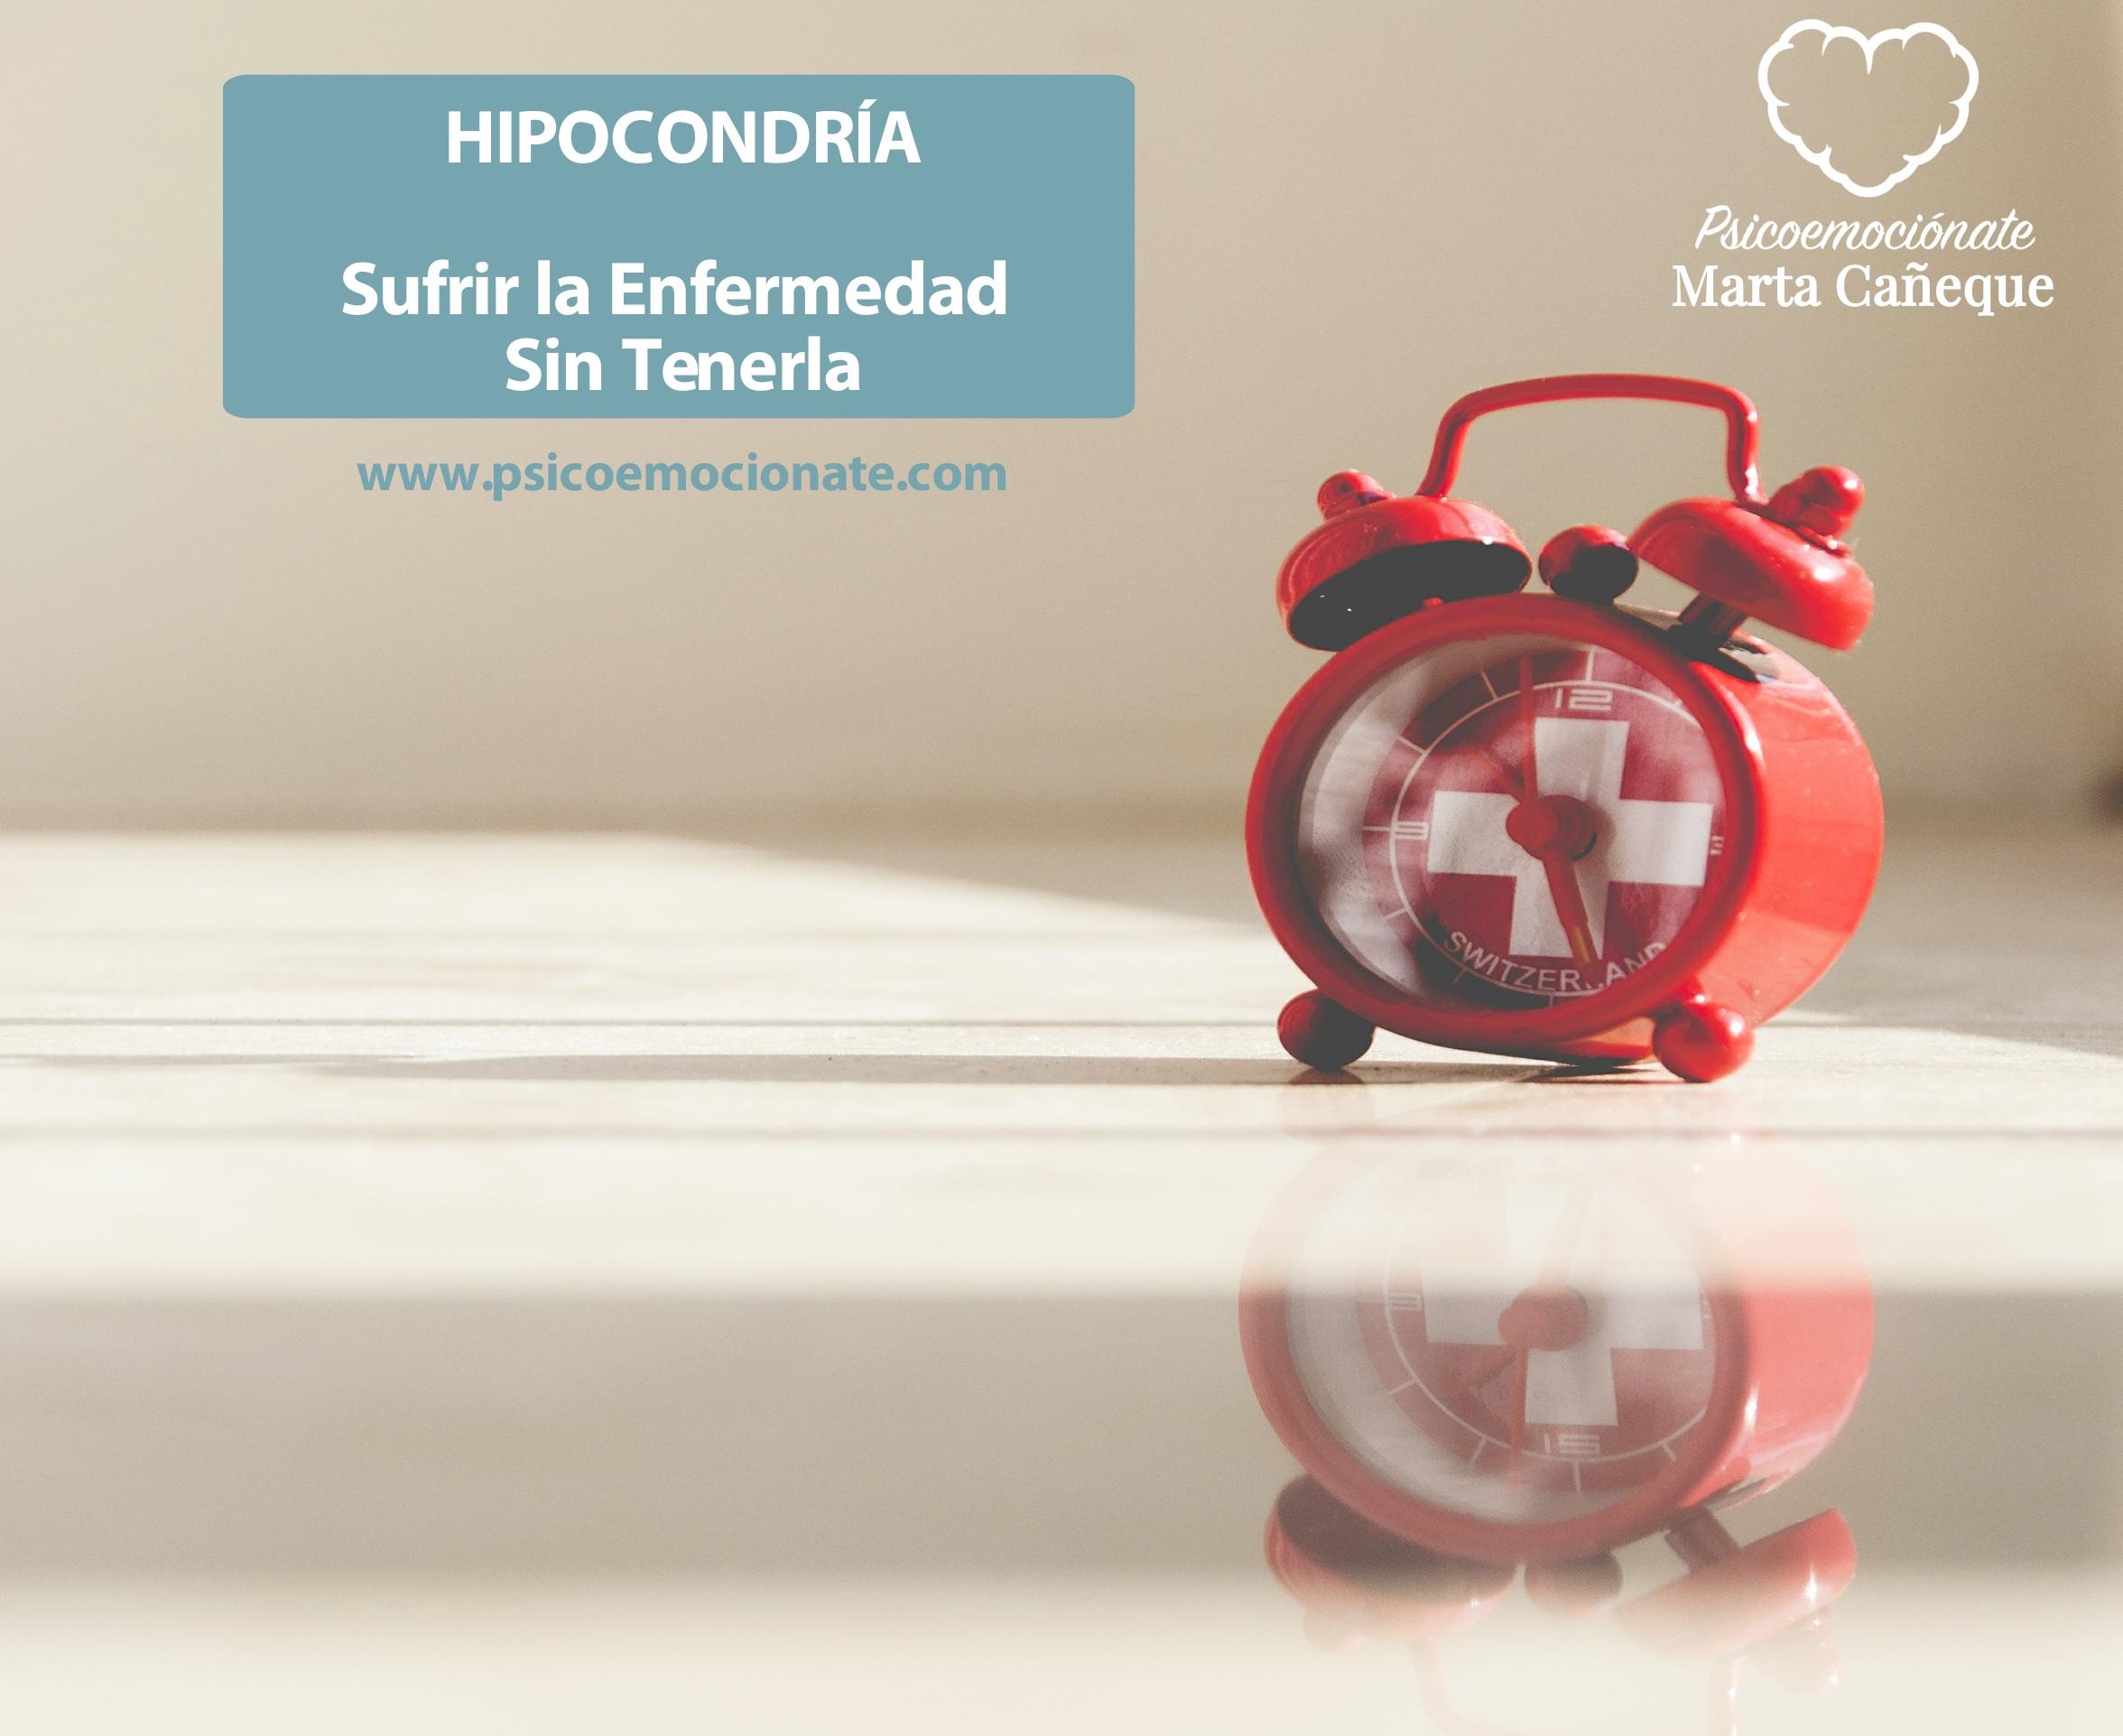 Hipocondría sufrir la enfermedad sin tenerla psicoemocionate